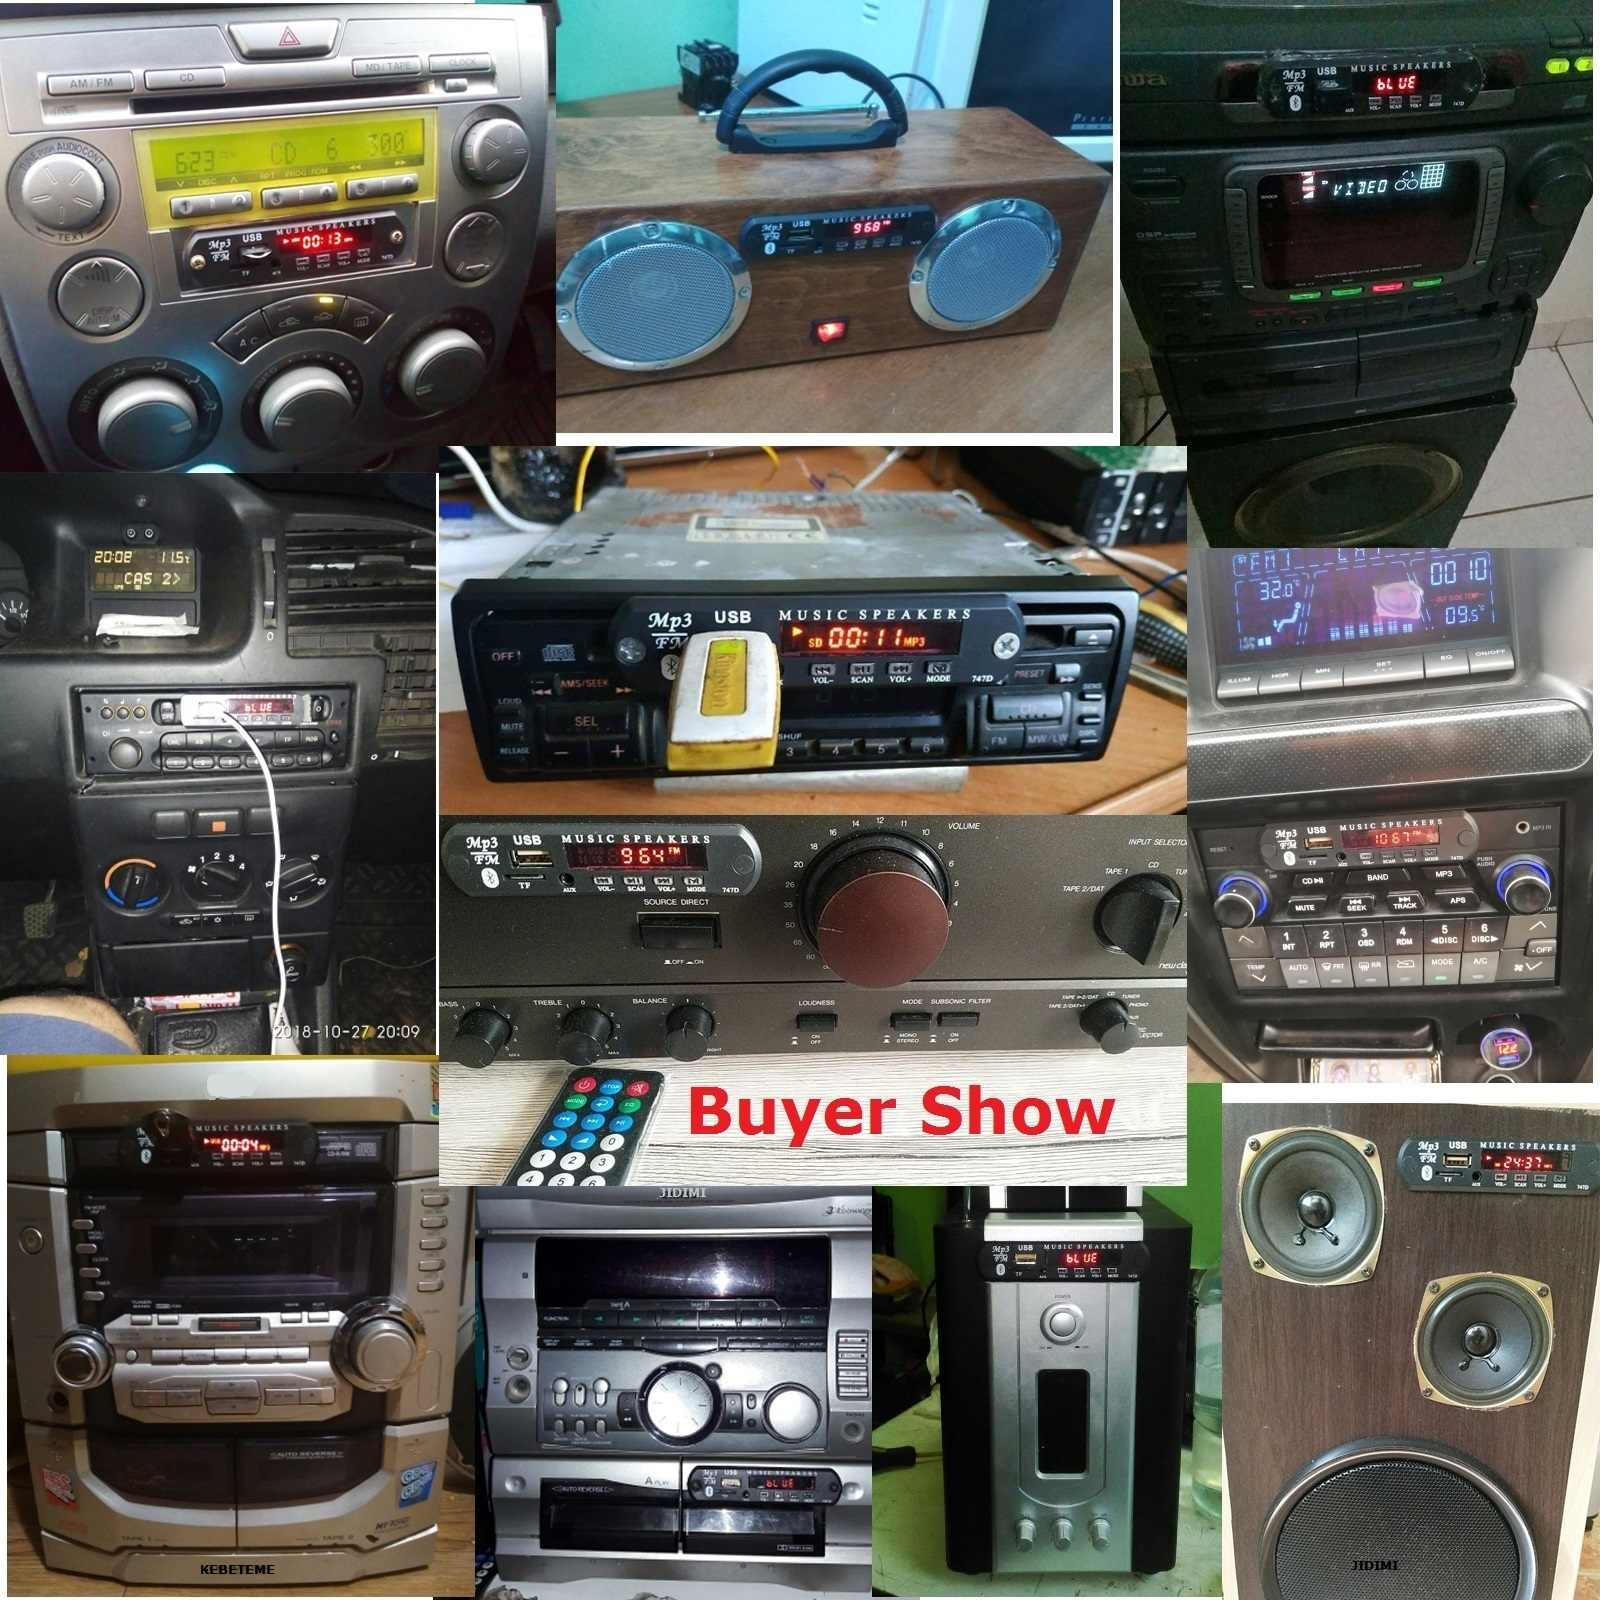 دروبشيب سيارة بلوتوث MP3 WMA USB/TF/FM/AUX فك مجلس لوحة 5V 12V وحدة صوت سيارة MP3 الملحقات اللغة شاشة ملونة